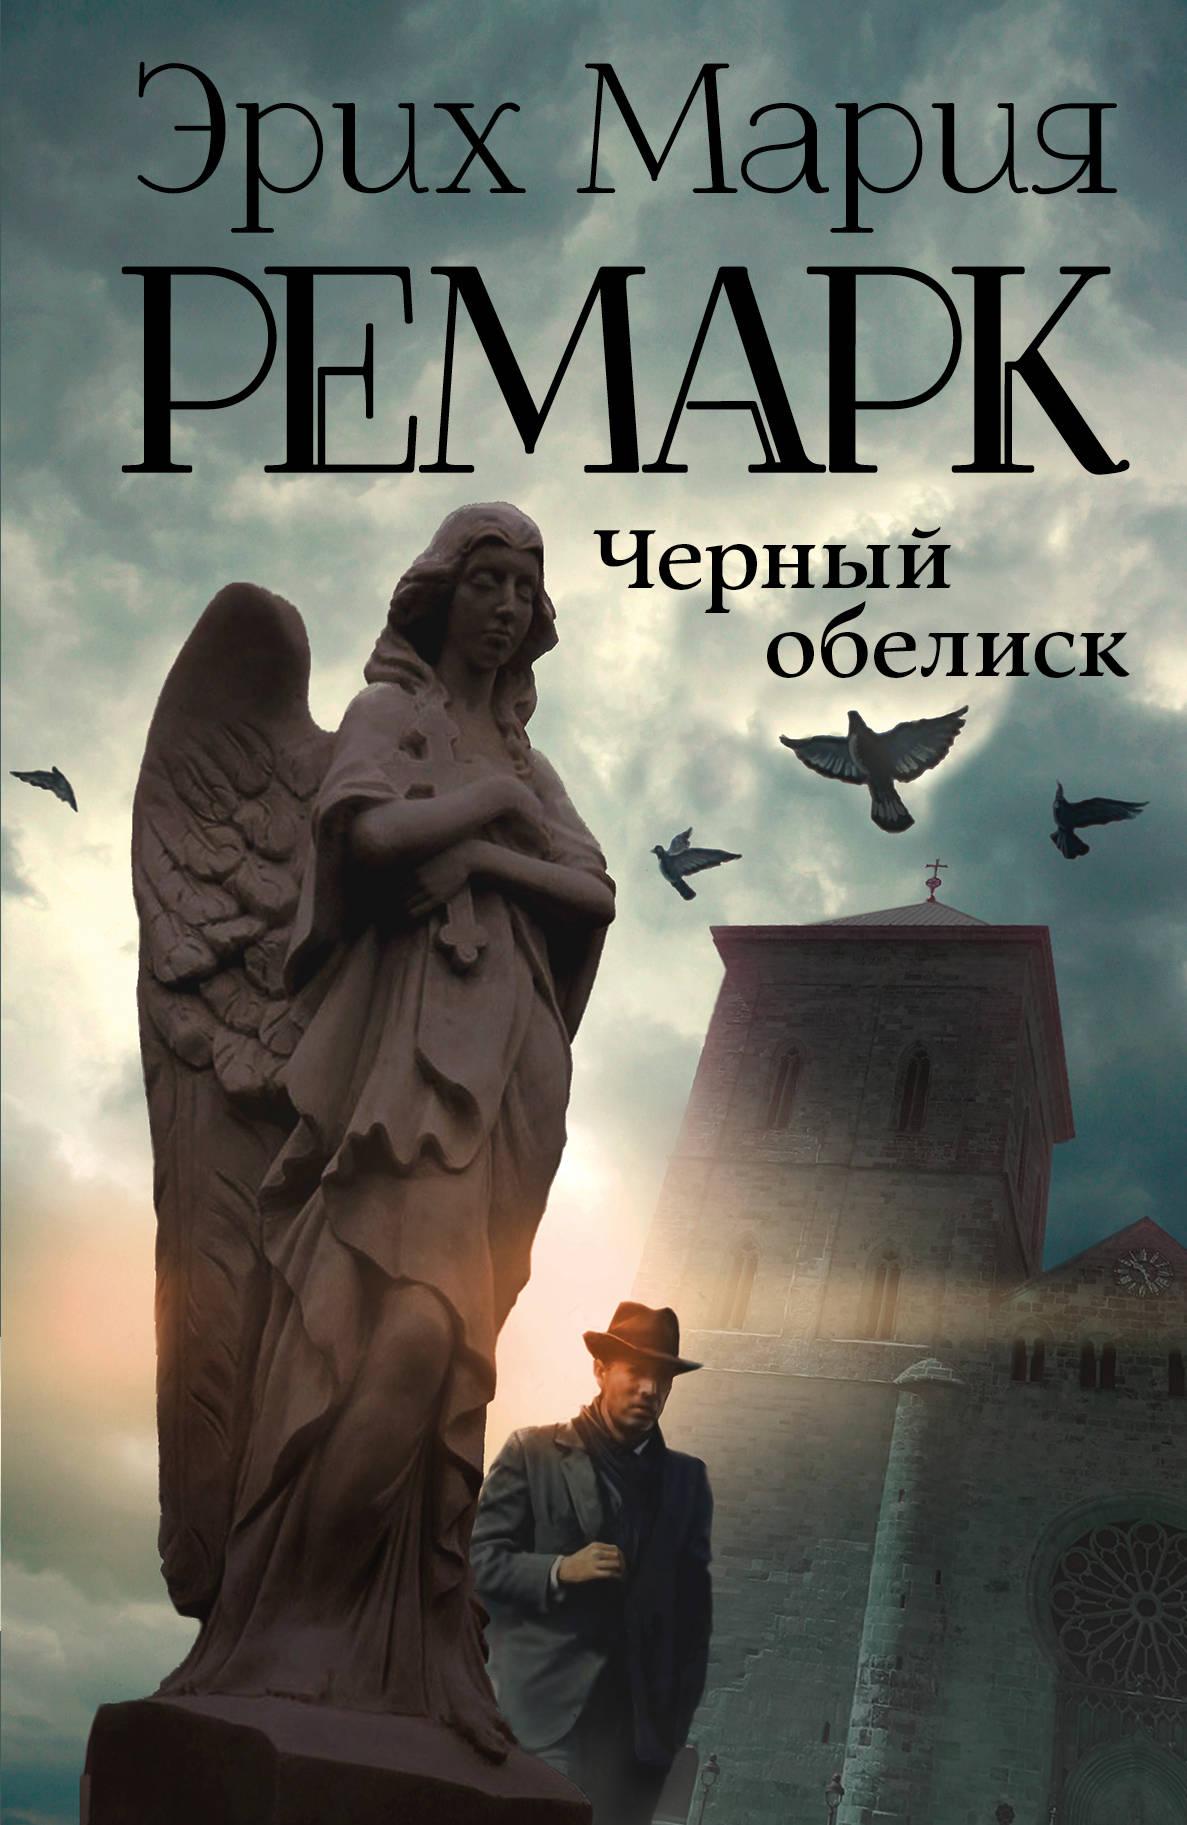 Эрих мария ремарк черный обелиск скачать книгу